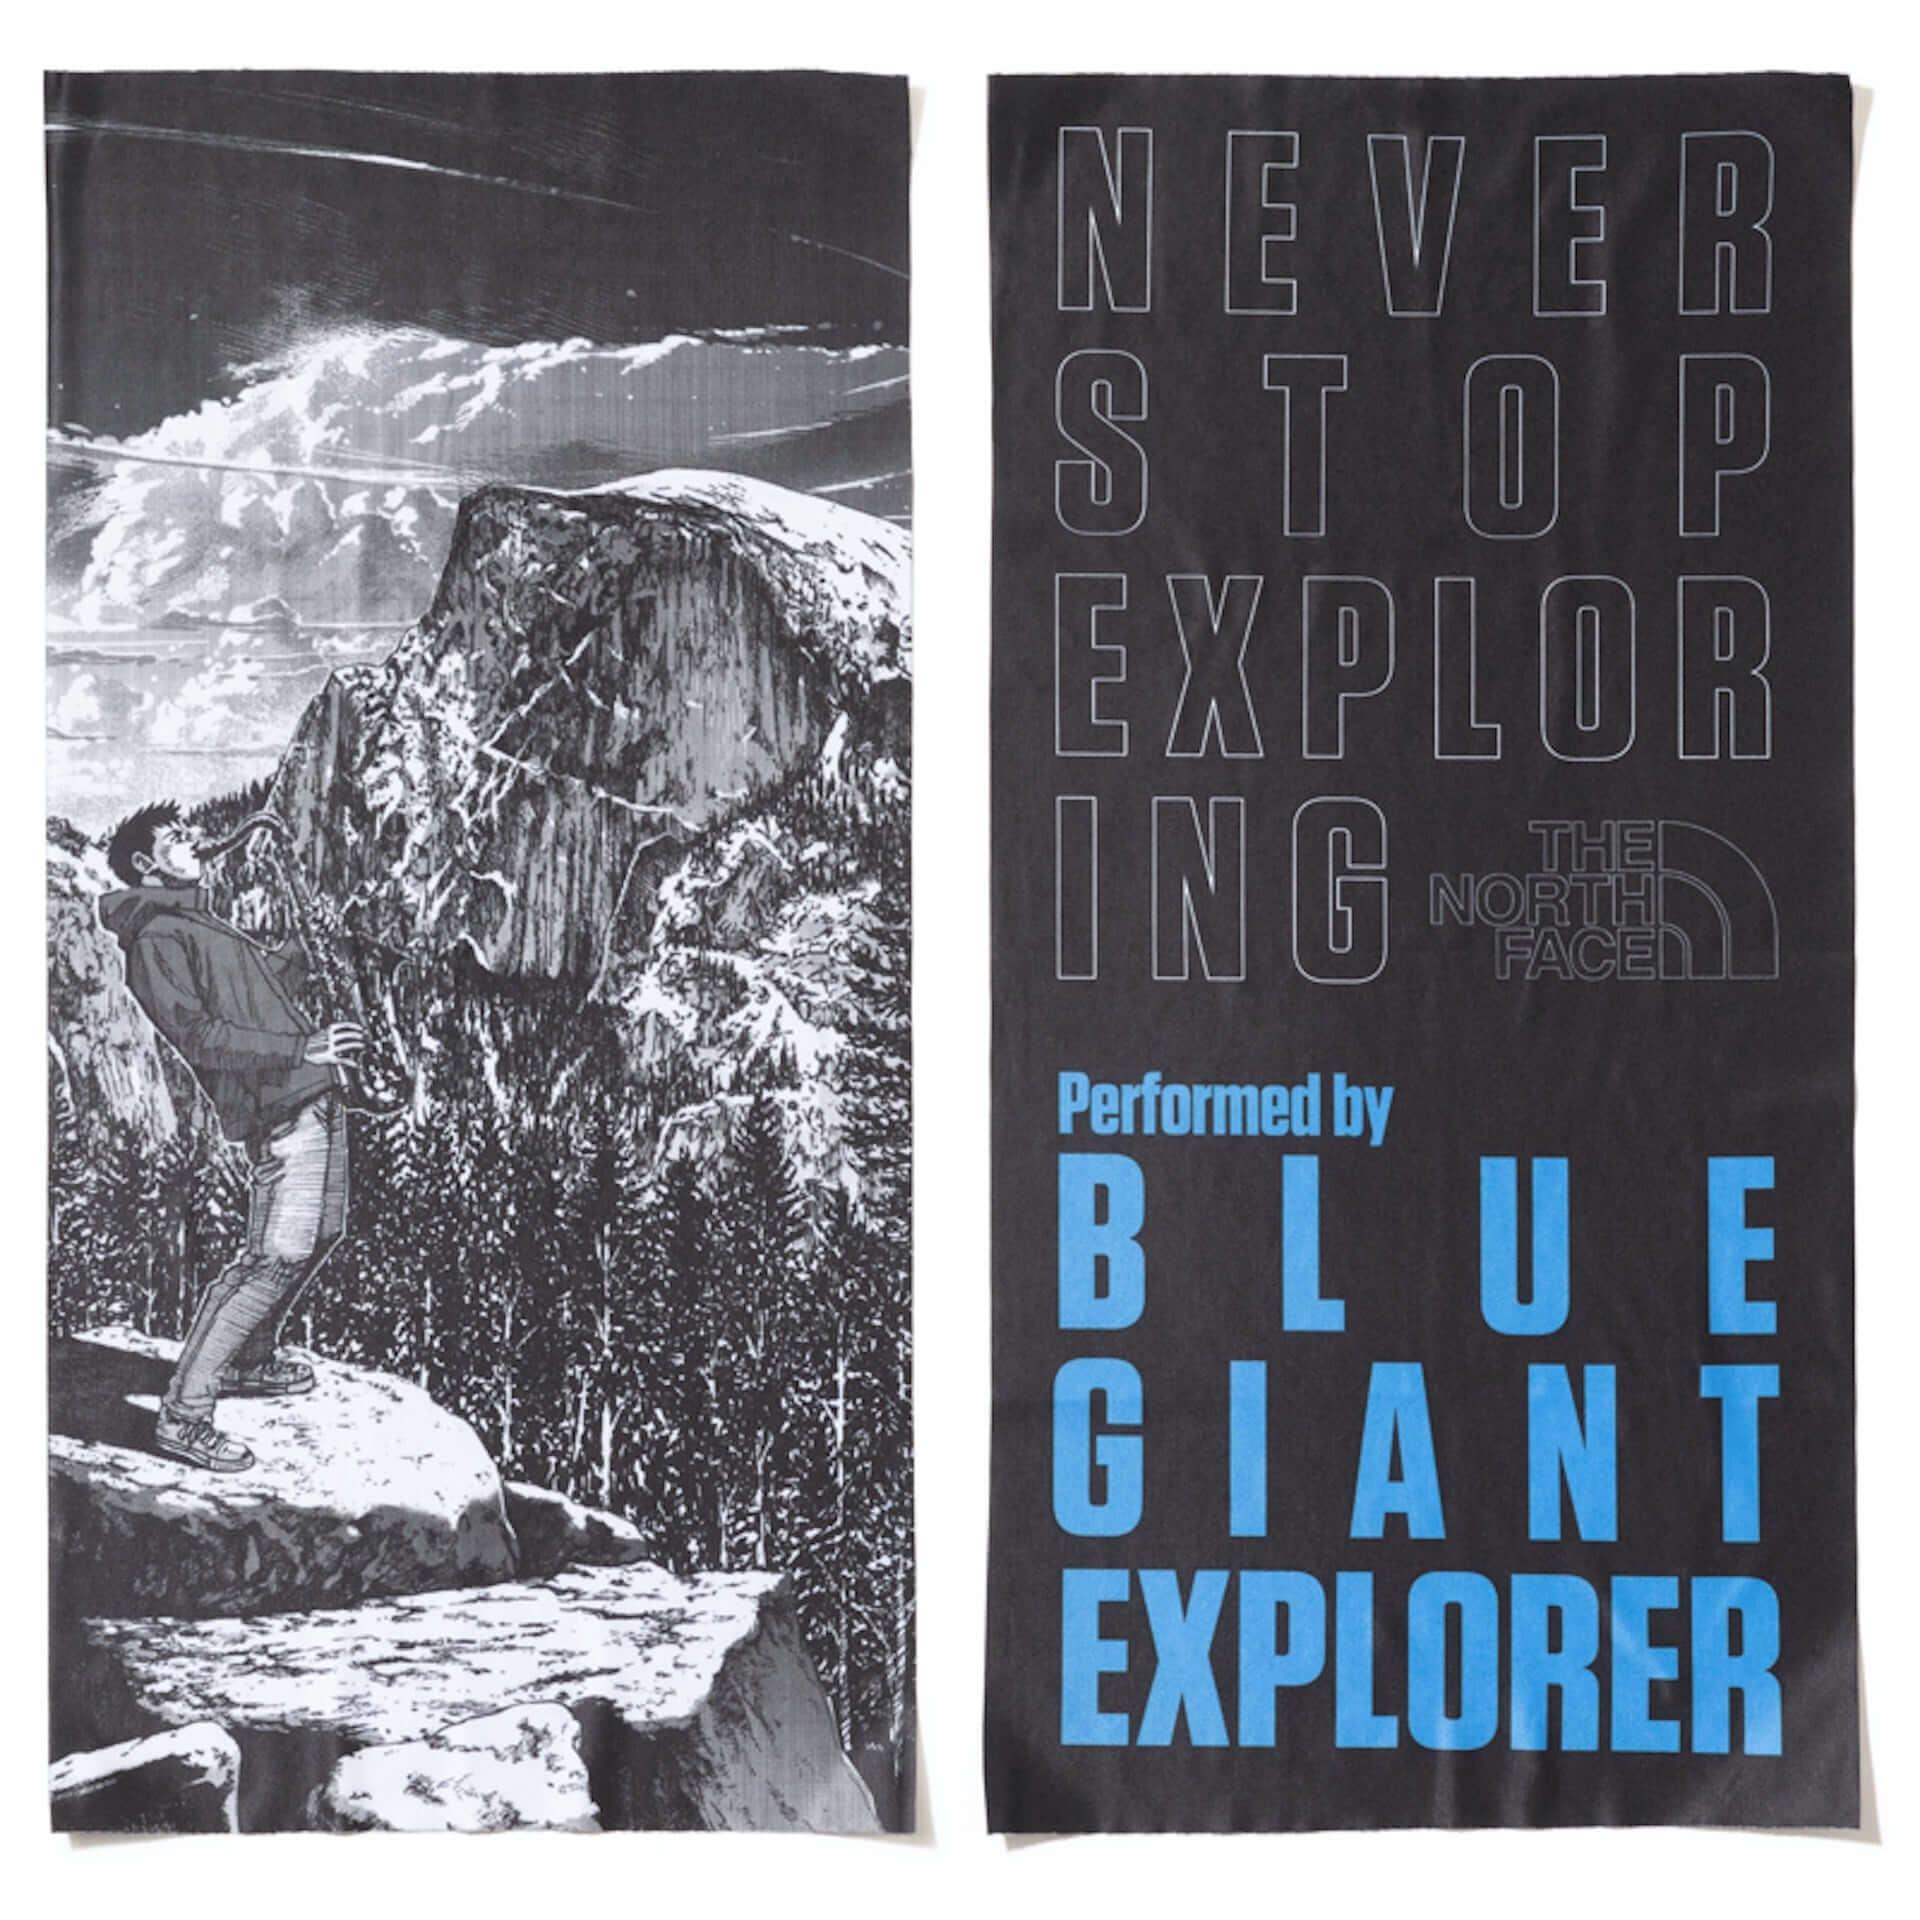 石塚真一が描く『BLUE GIANT EXPLORER』とTHE NORTH FACEが再びコラボ!フェイスマスクとしても使える特製バンド第2弾が登場 art201027_tnf-explorerband_1-1920x1920